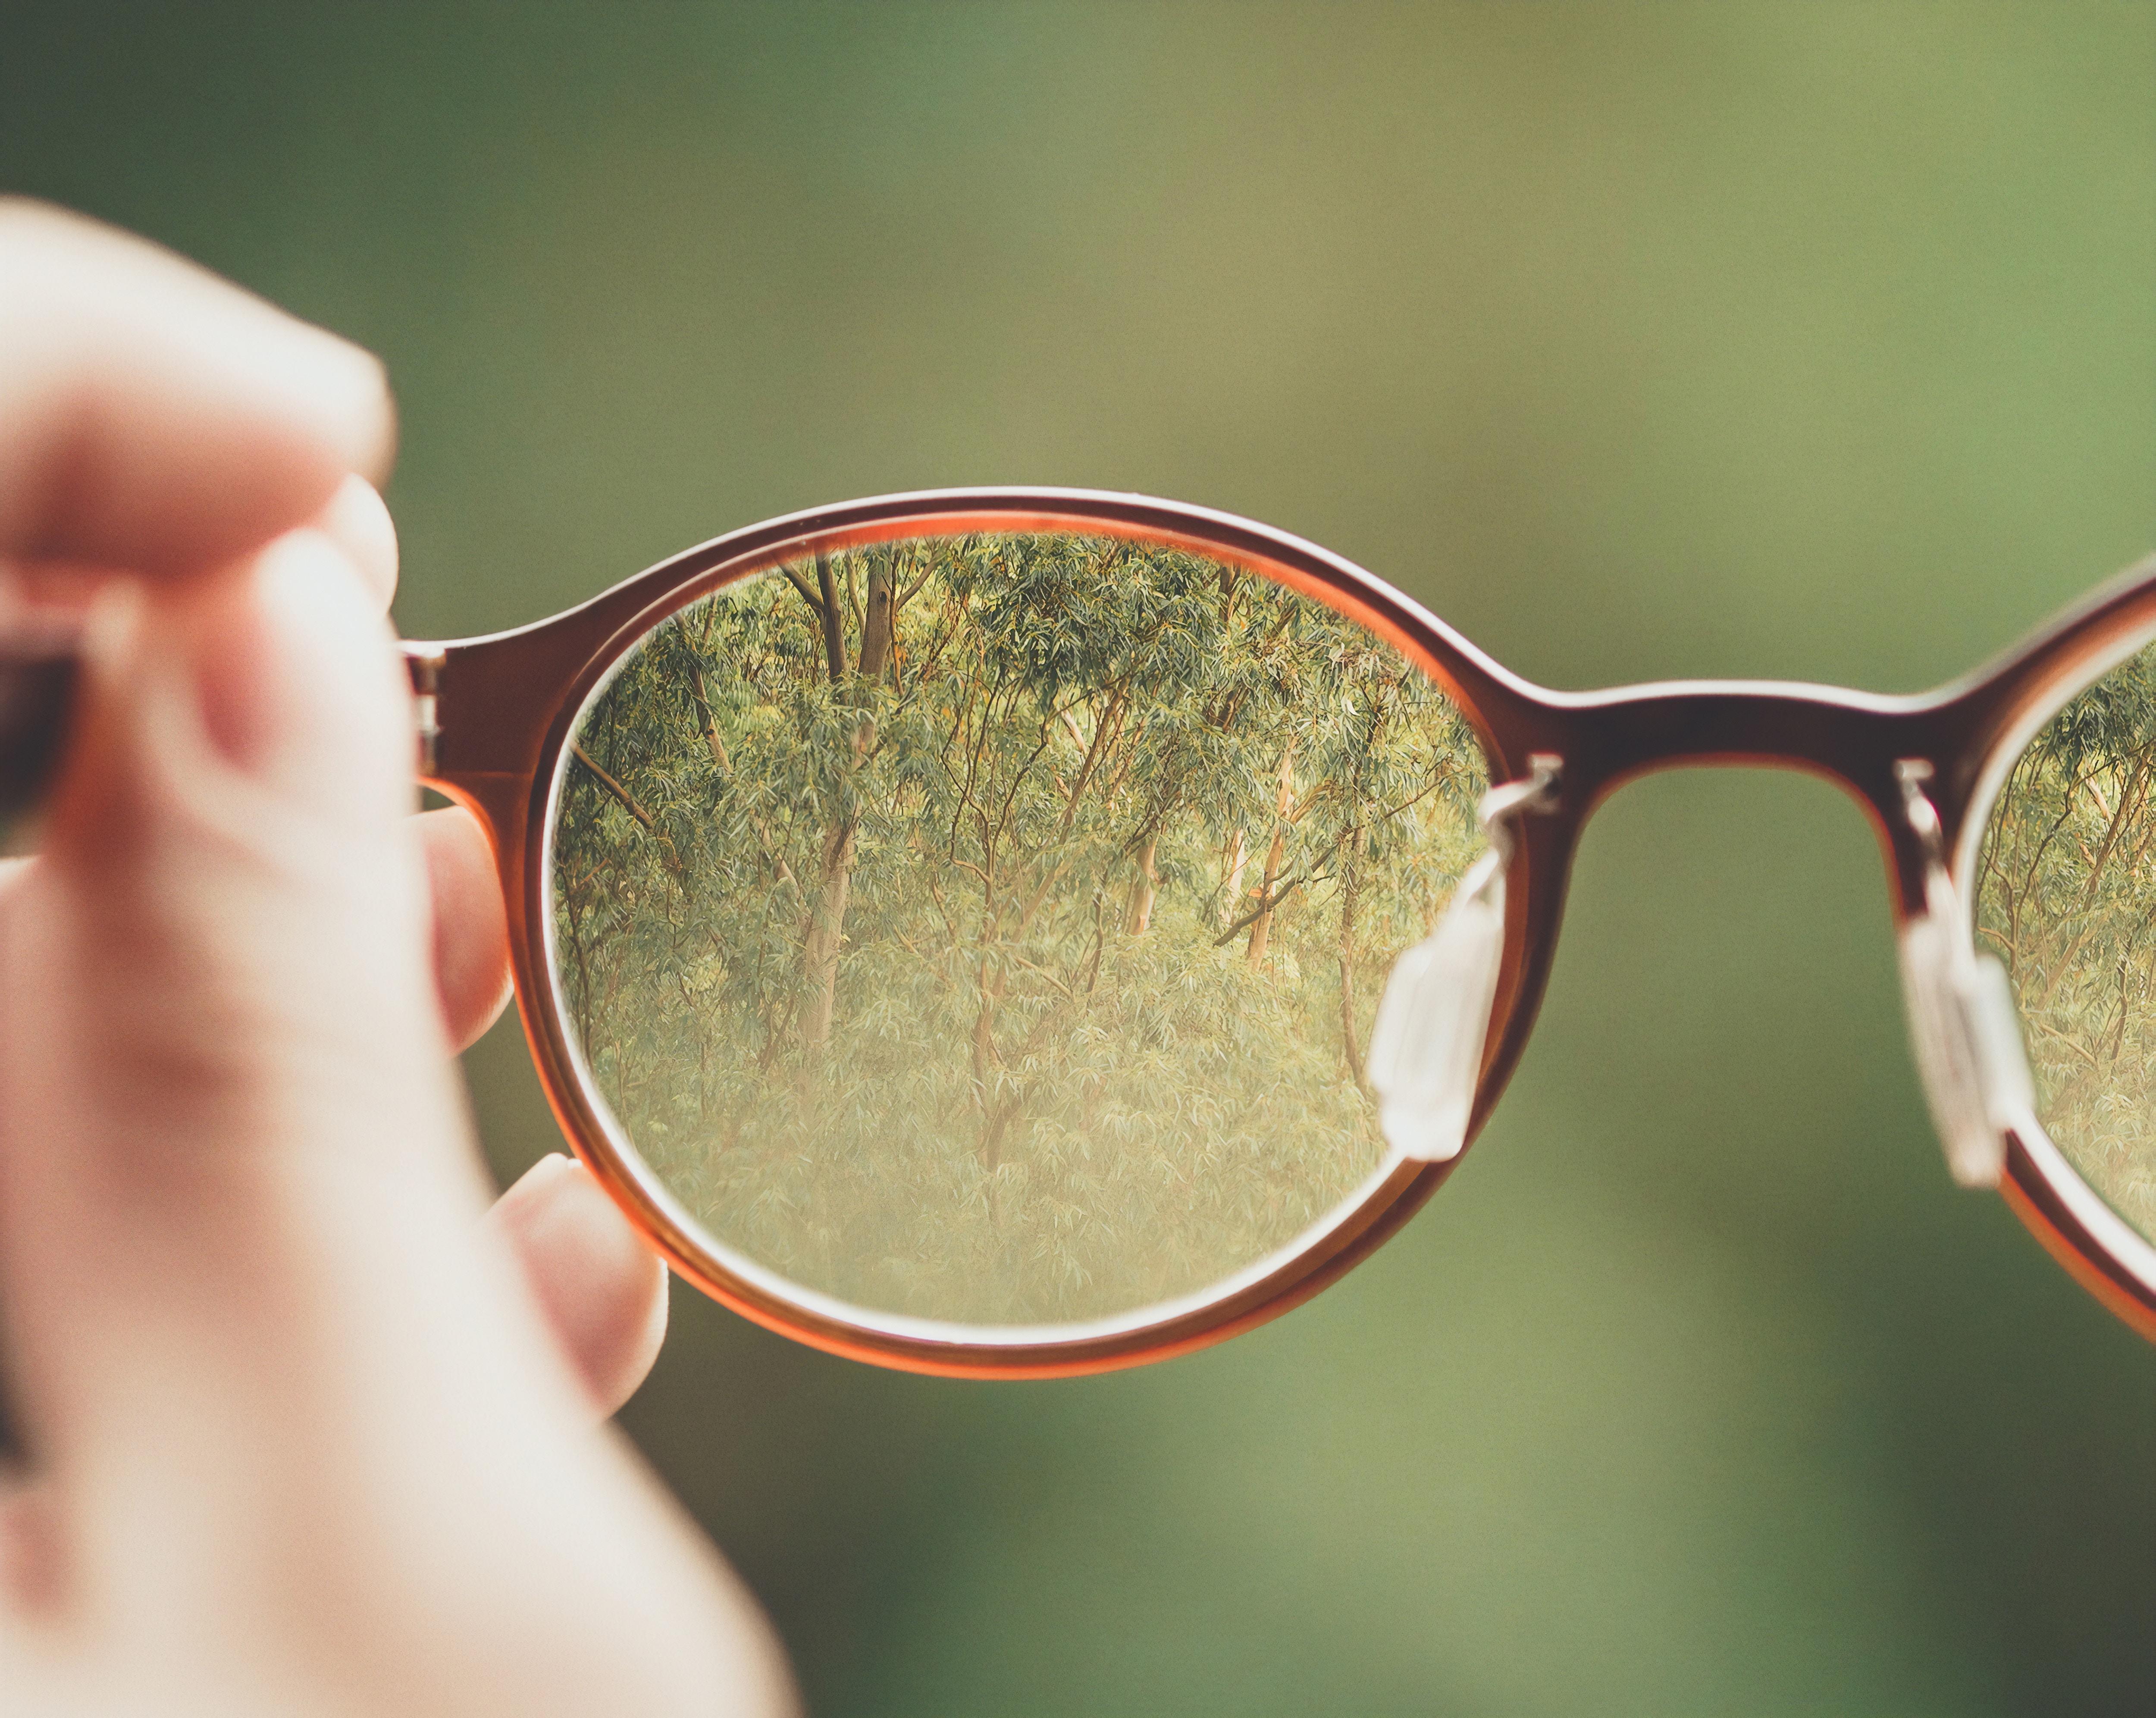 occhiali da vista che ingrandiscono una foresta